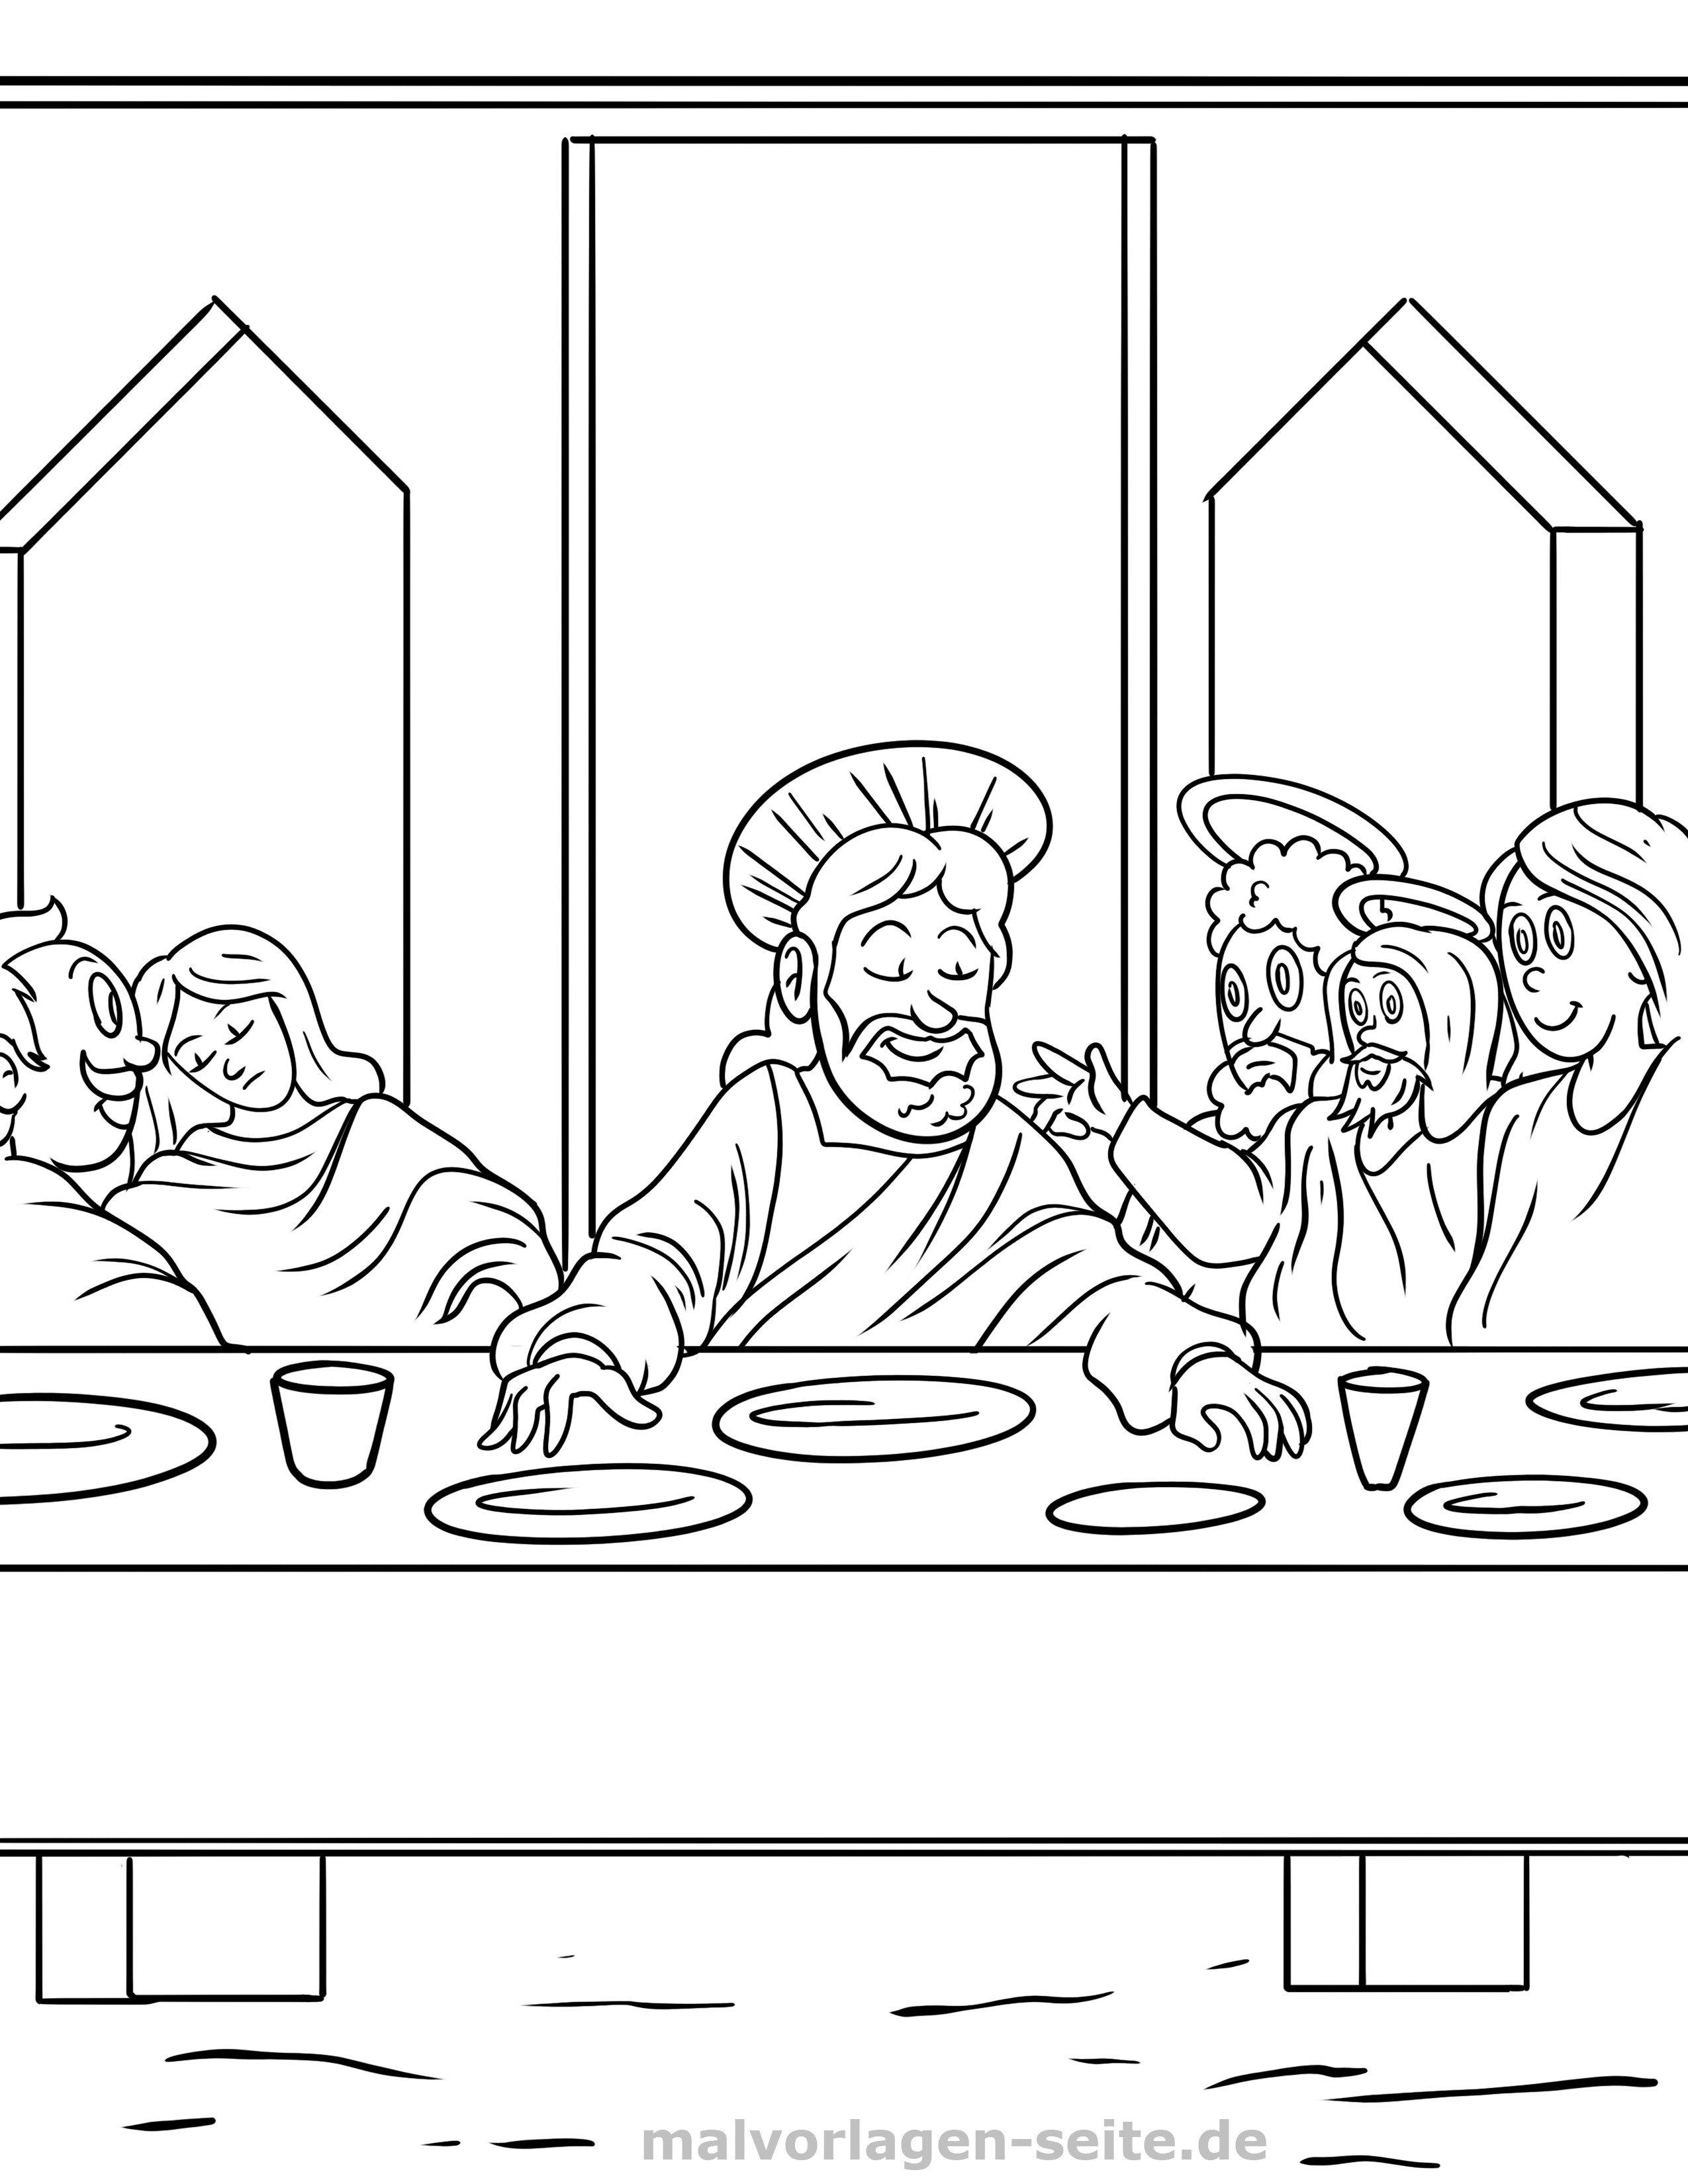 Malvorlage Religion - Abendmahl | Gratis Malvorlagen zum Download